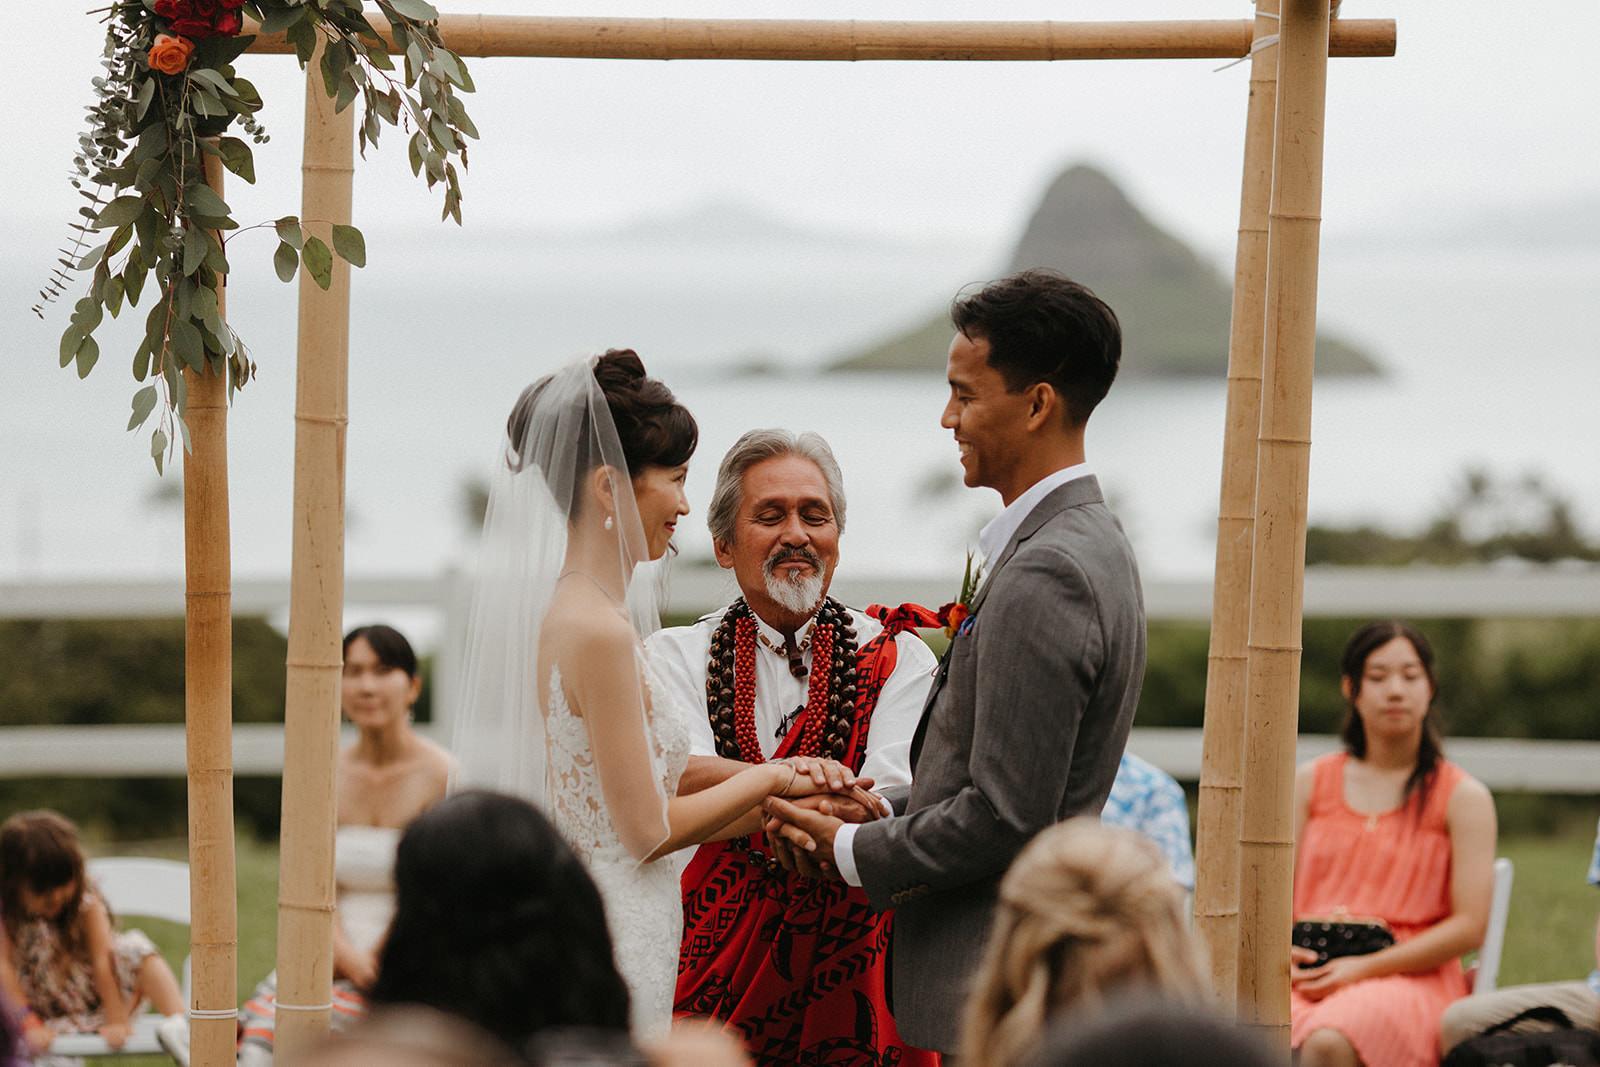 Kualoa_Hawaii_wedding_paliku27.jpg